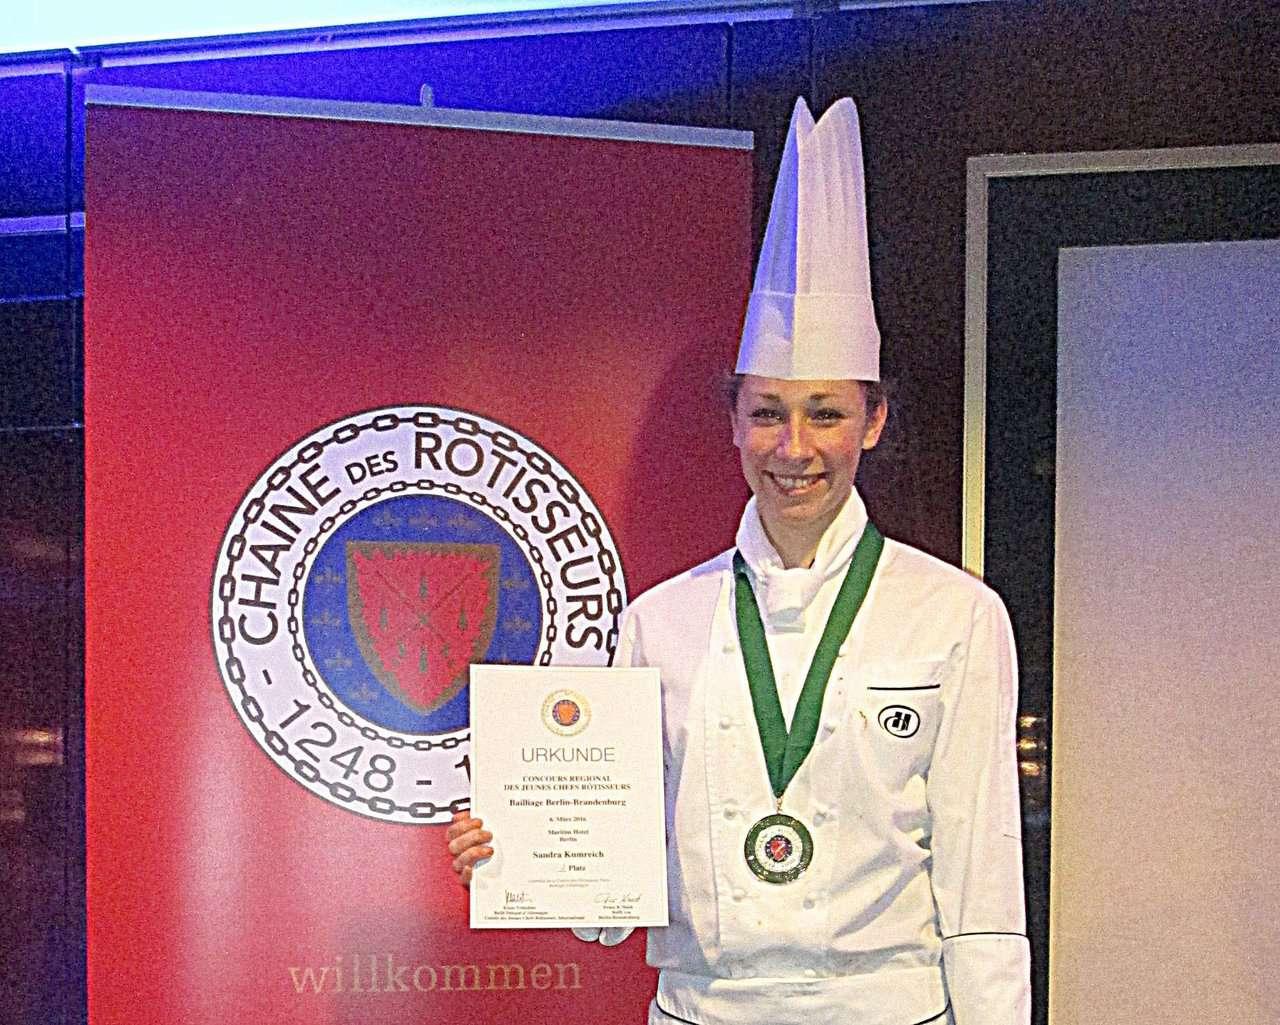 Hat gut lachen - die Erstplazierte Sandra Krumreich darf für Berlin-Brandenburg beim nationalen Wettbewerb in Frankfurt/Main antreten